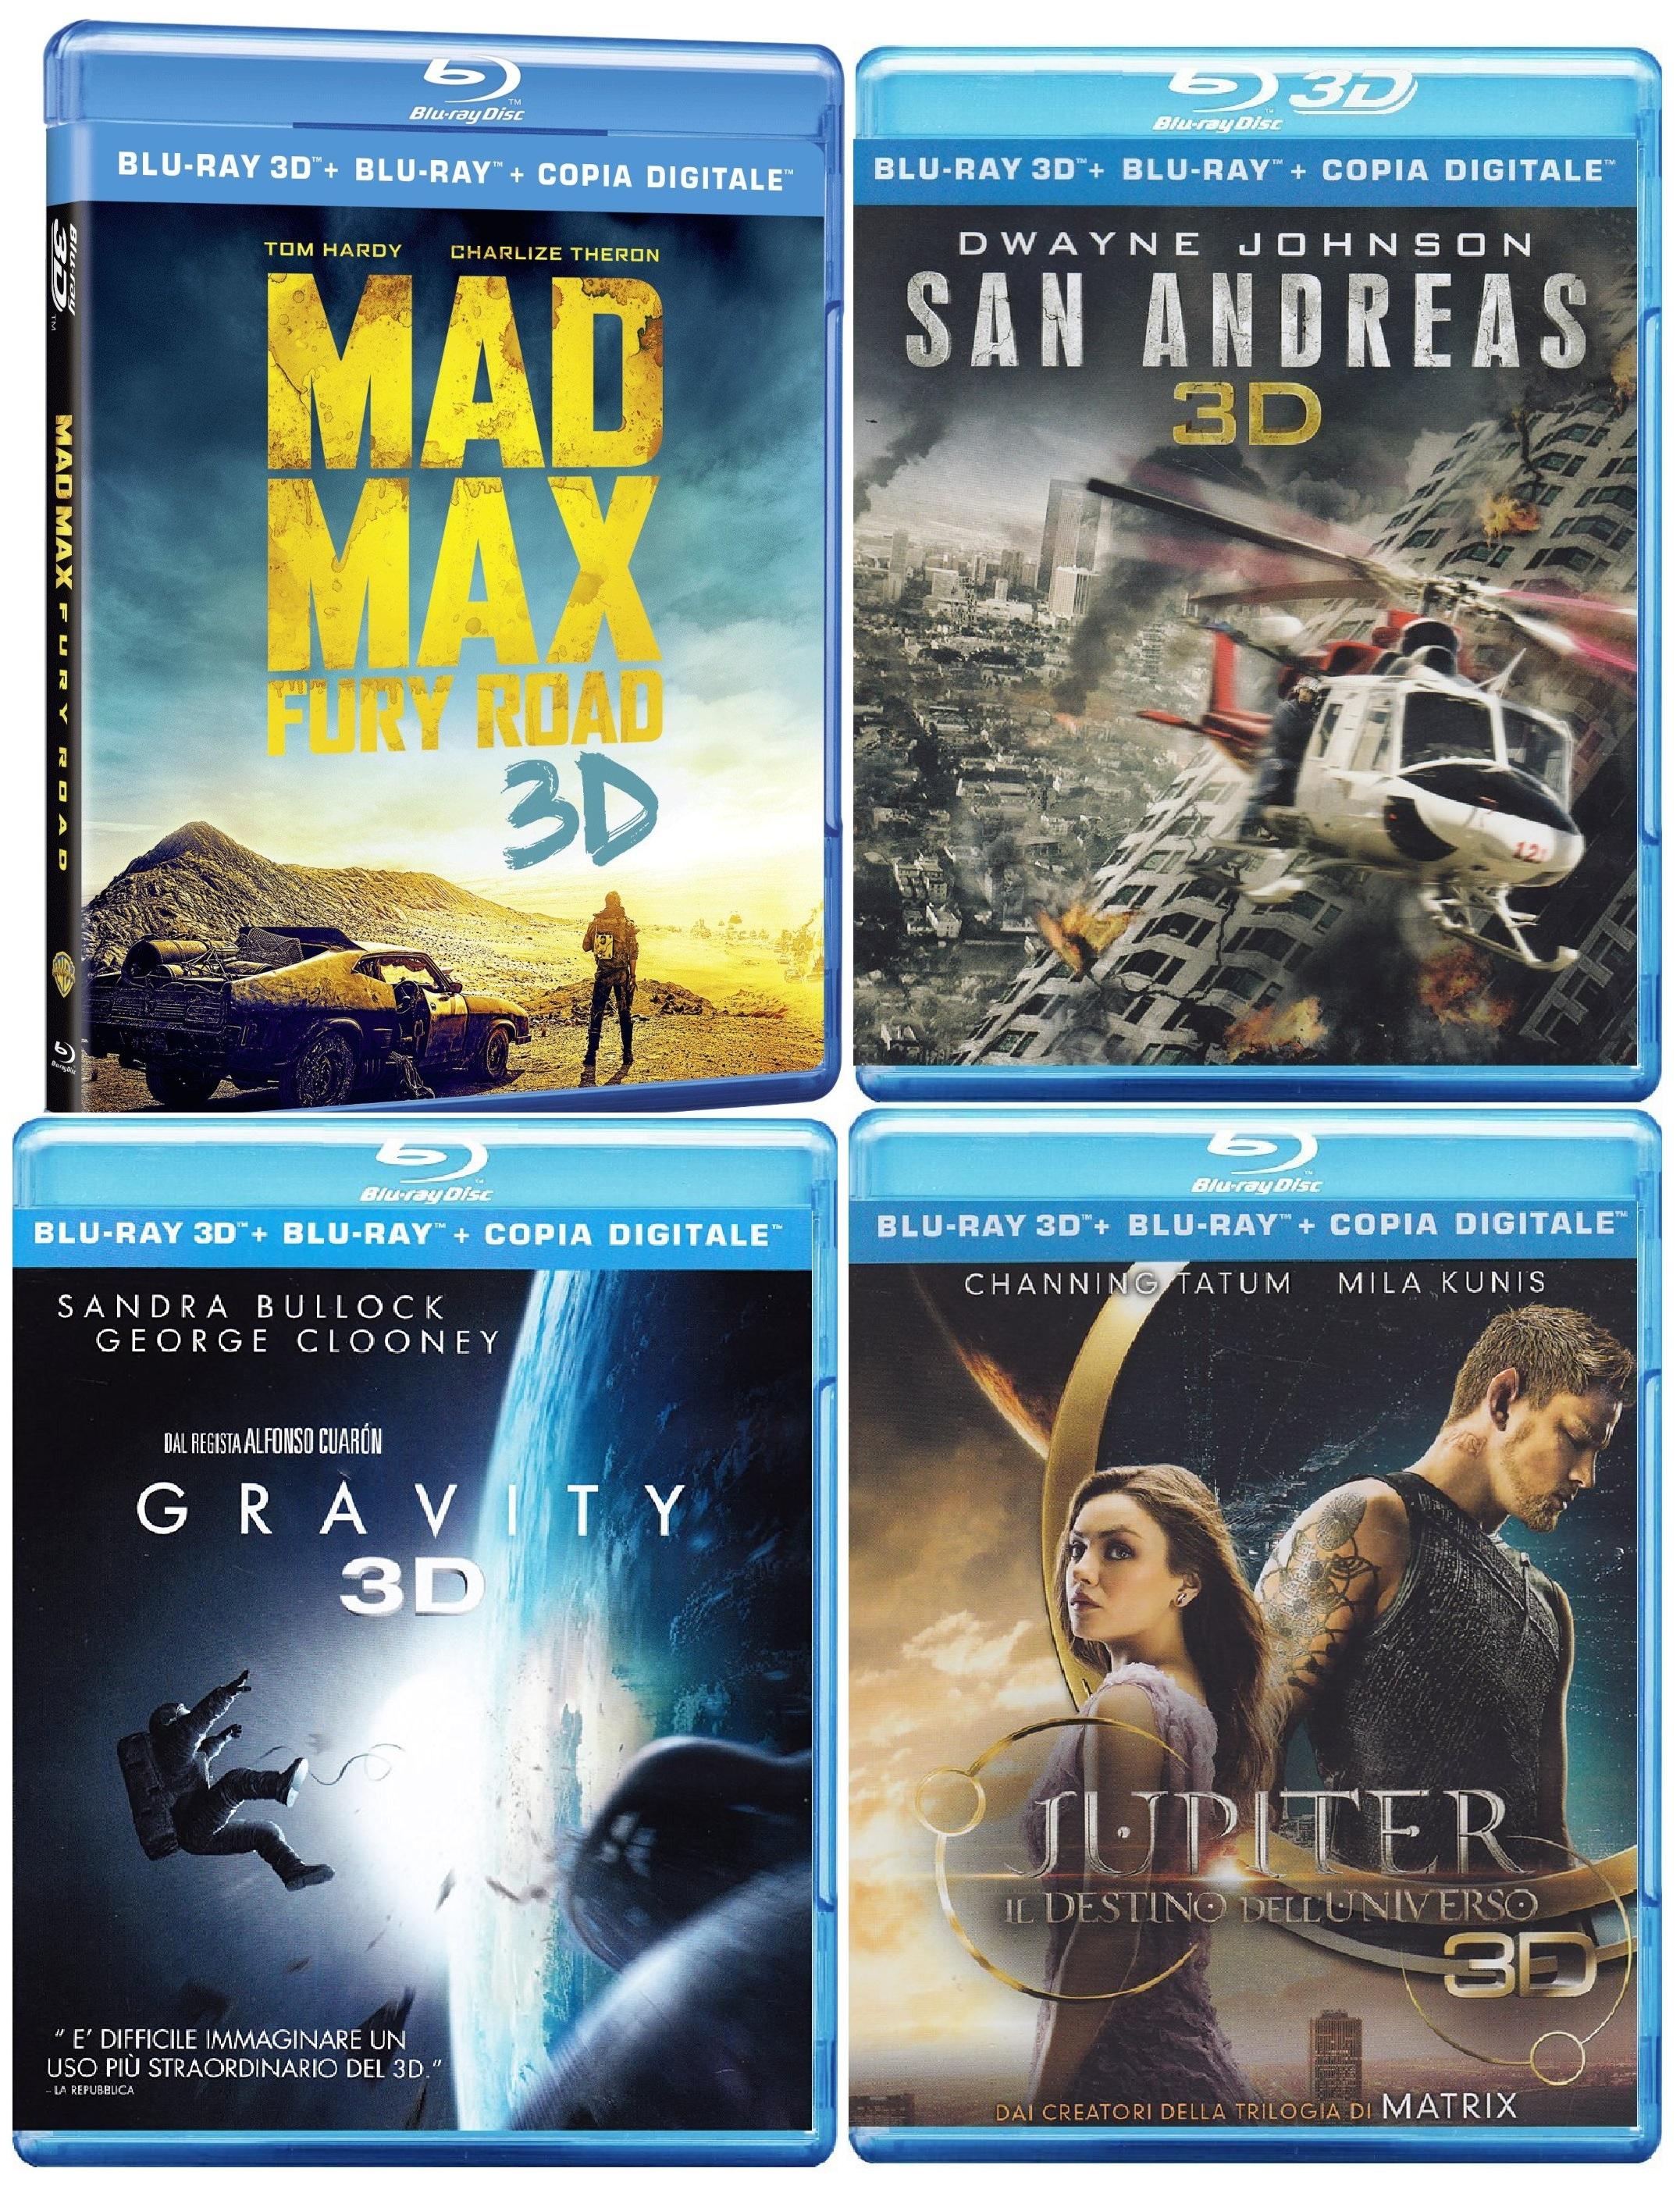 [Amazon.it] 5 Blu-Rays mit sehr guter Auswahl für 29,03€ inkl. Versand durch Trick (z.B. Top 3D-Titel, Boxen, Studio Ghibli)